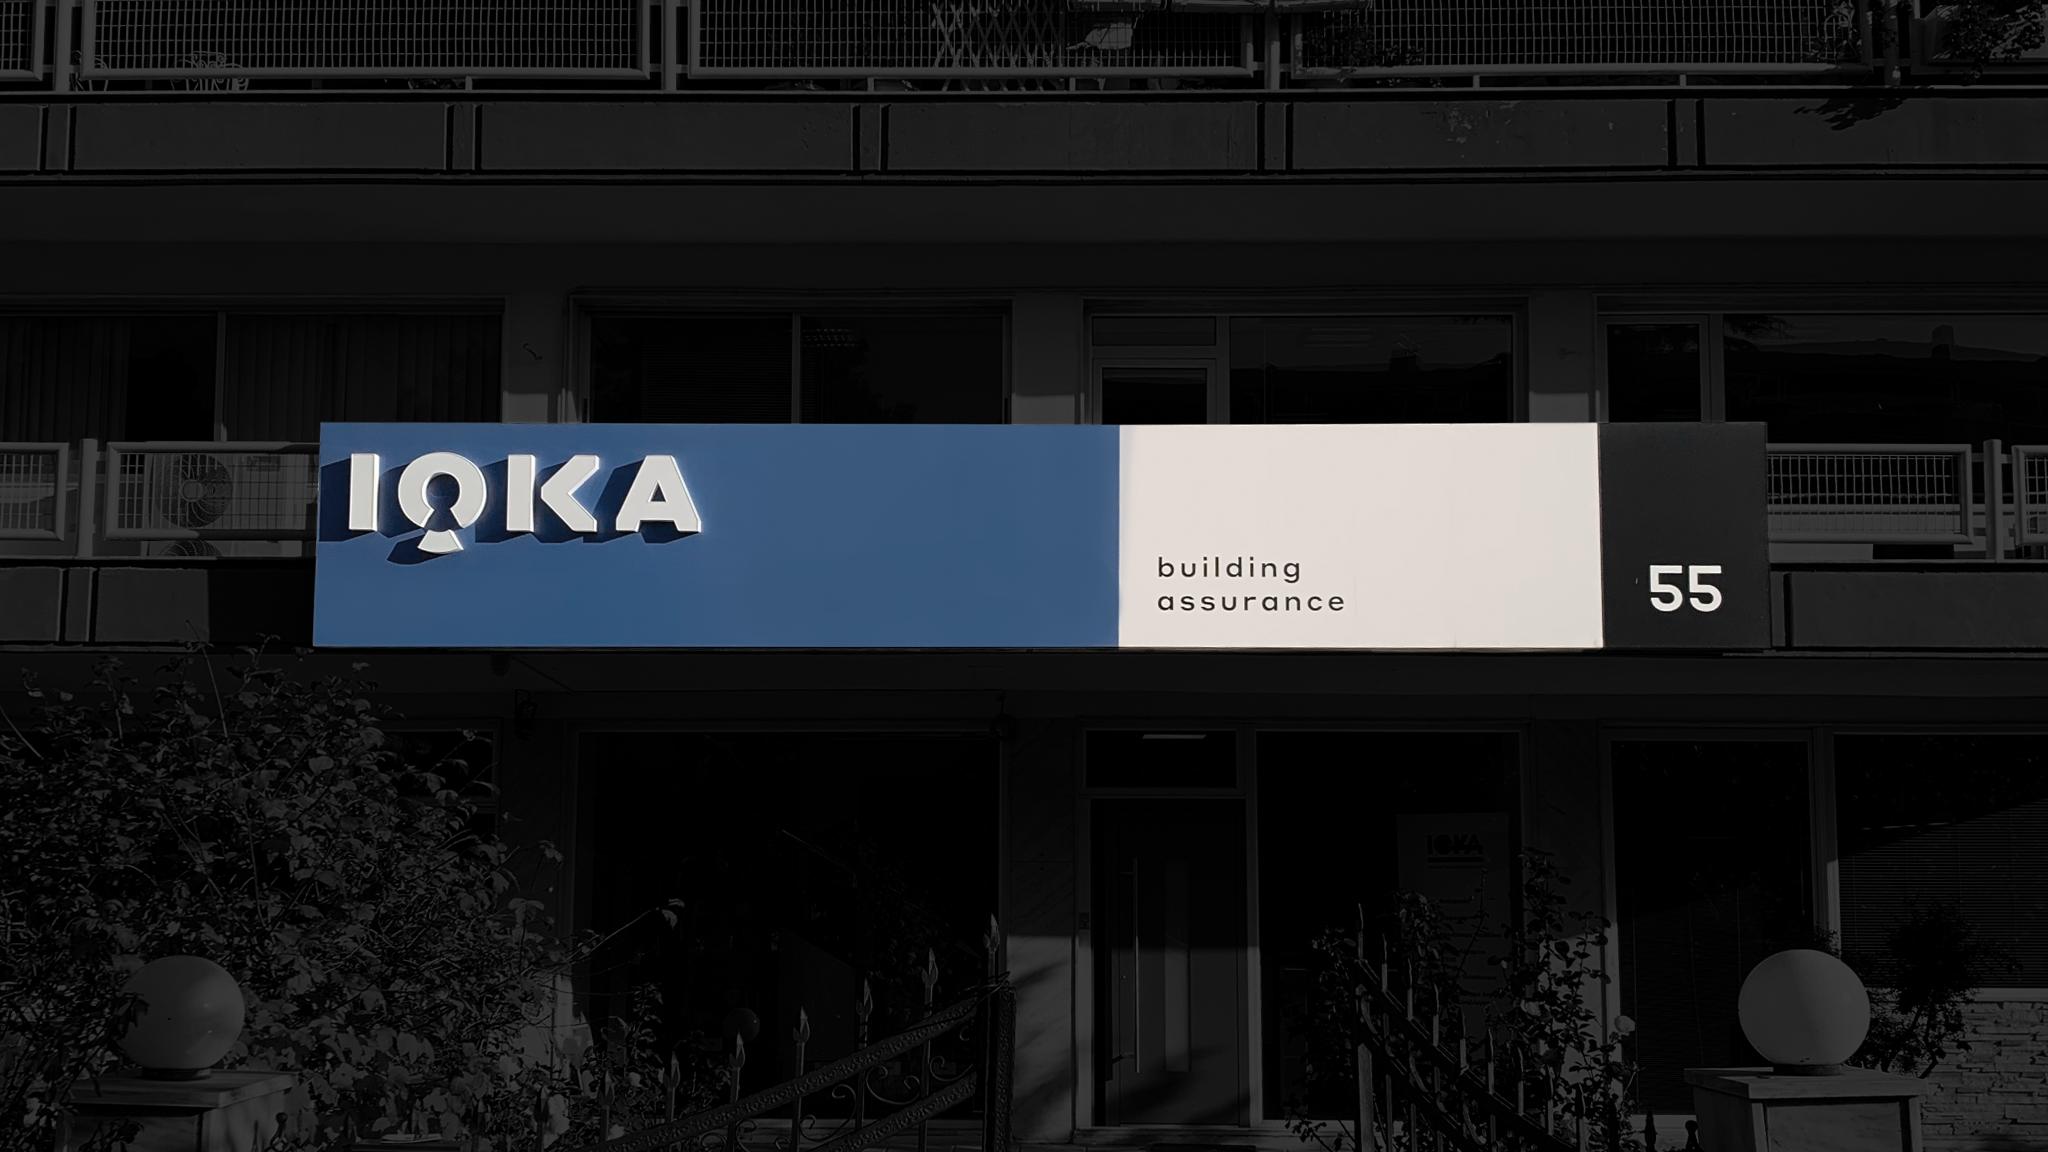 IOKA_MAIN_SIGN